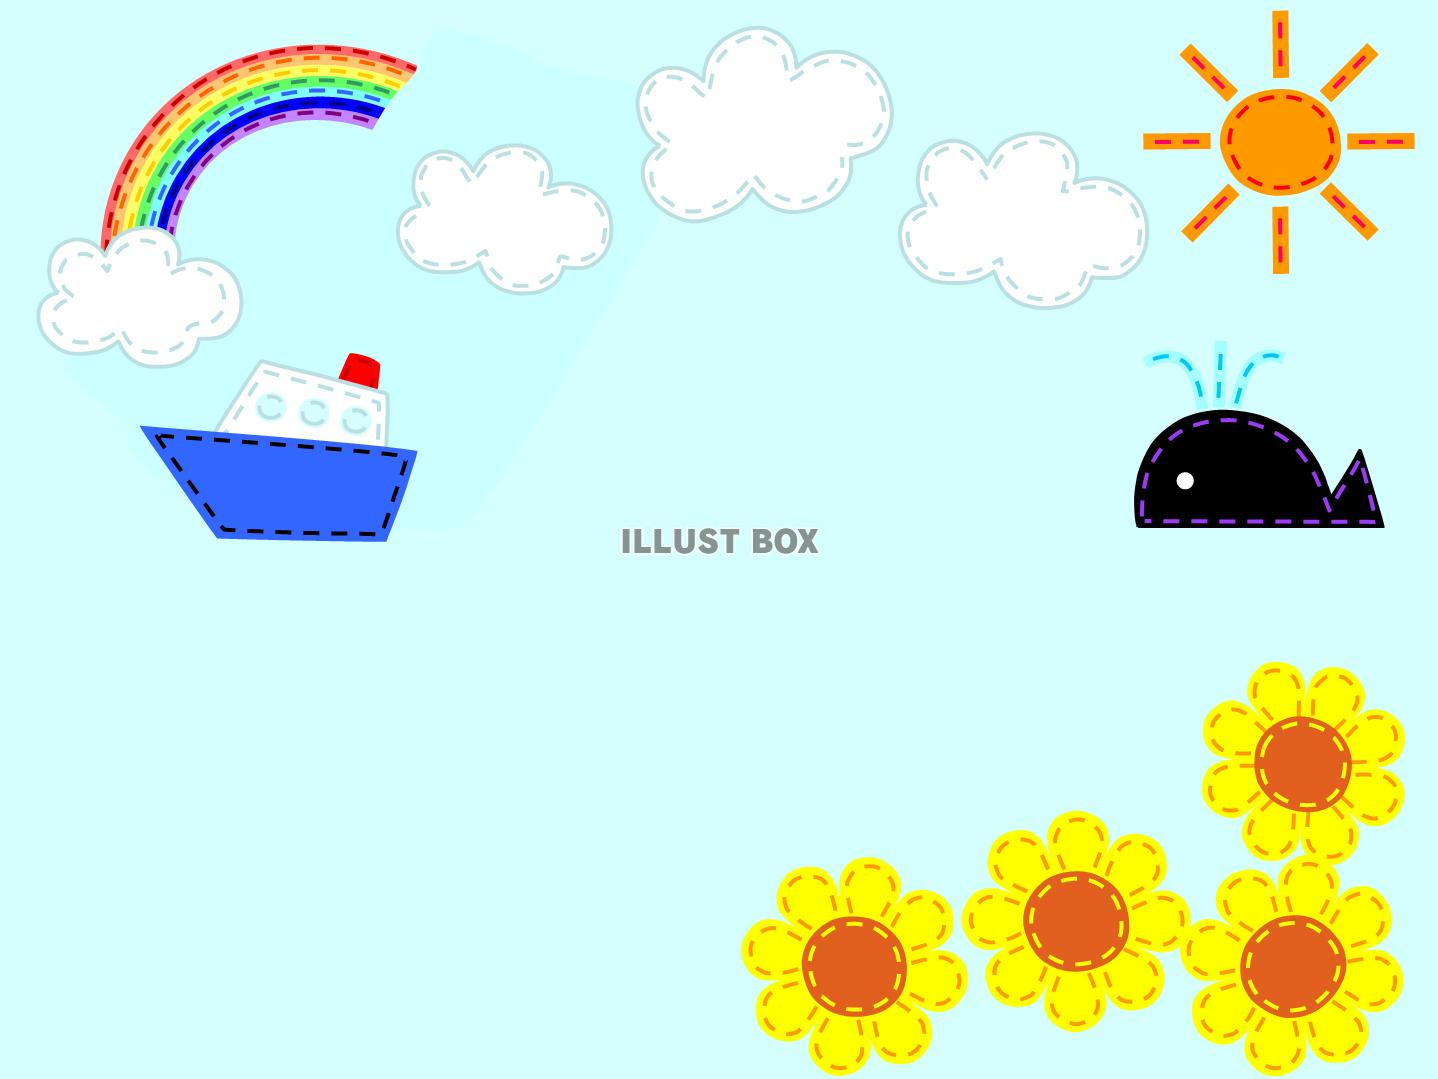 無料イラスト フエルト風の夏の風景縫い目ステッチ 手芸 船 くじら ひま